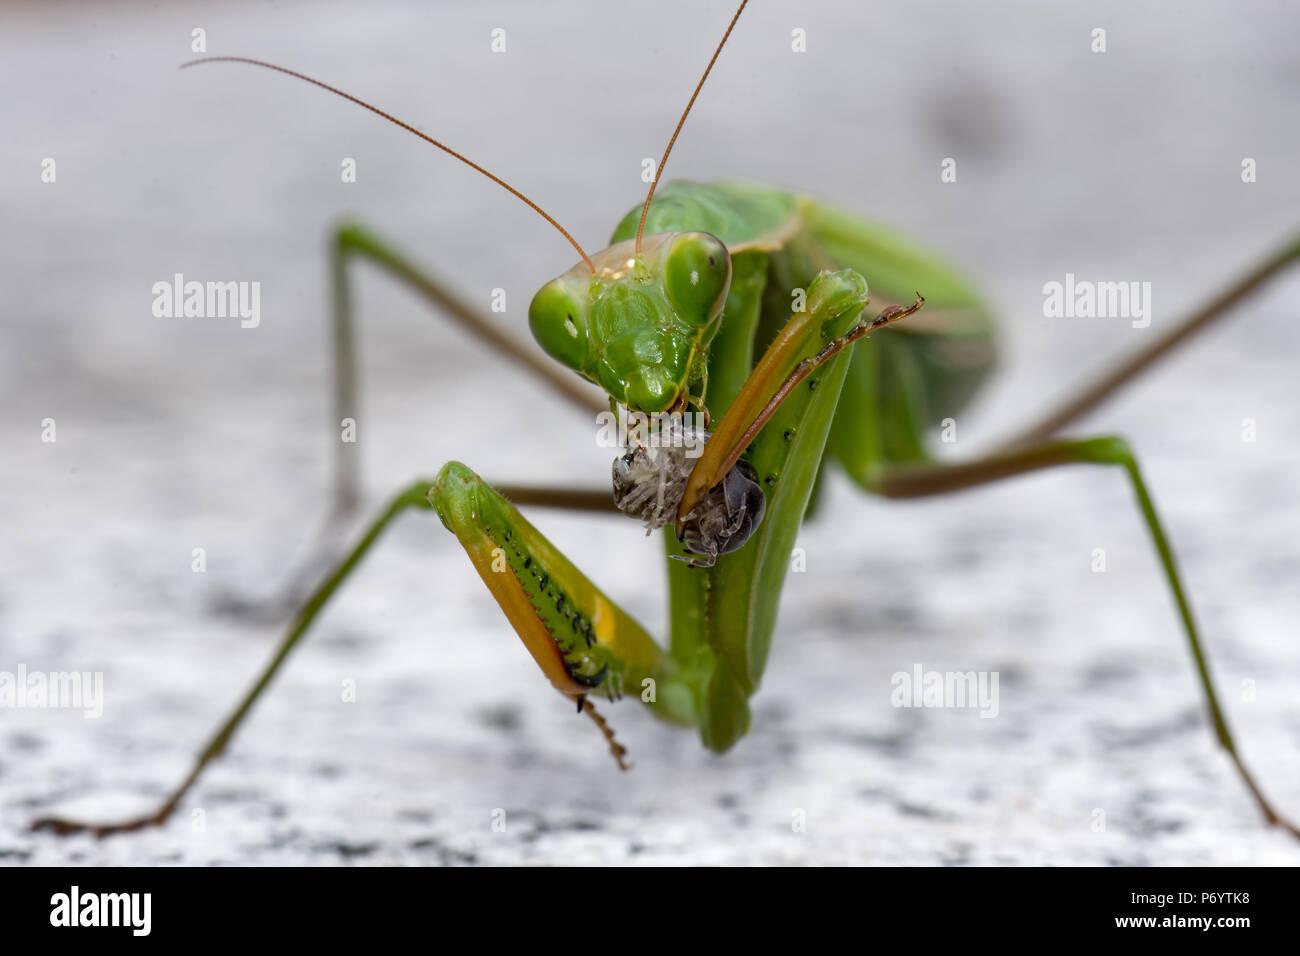 Colore naturale outdoor wildlife vicino la fotografia macro di un singolo isolato verde mantide religiosa mentre mangia Immagini Stock